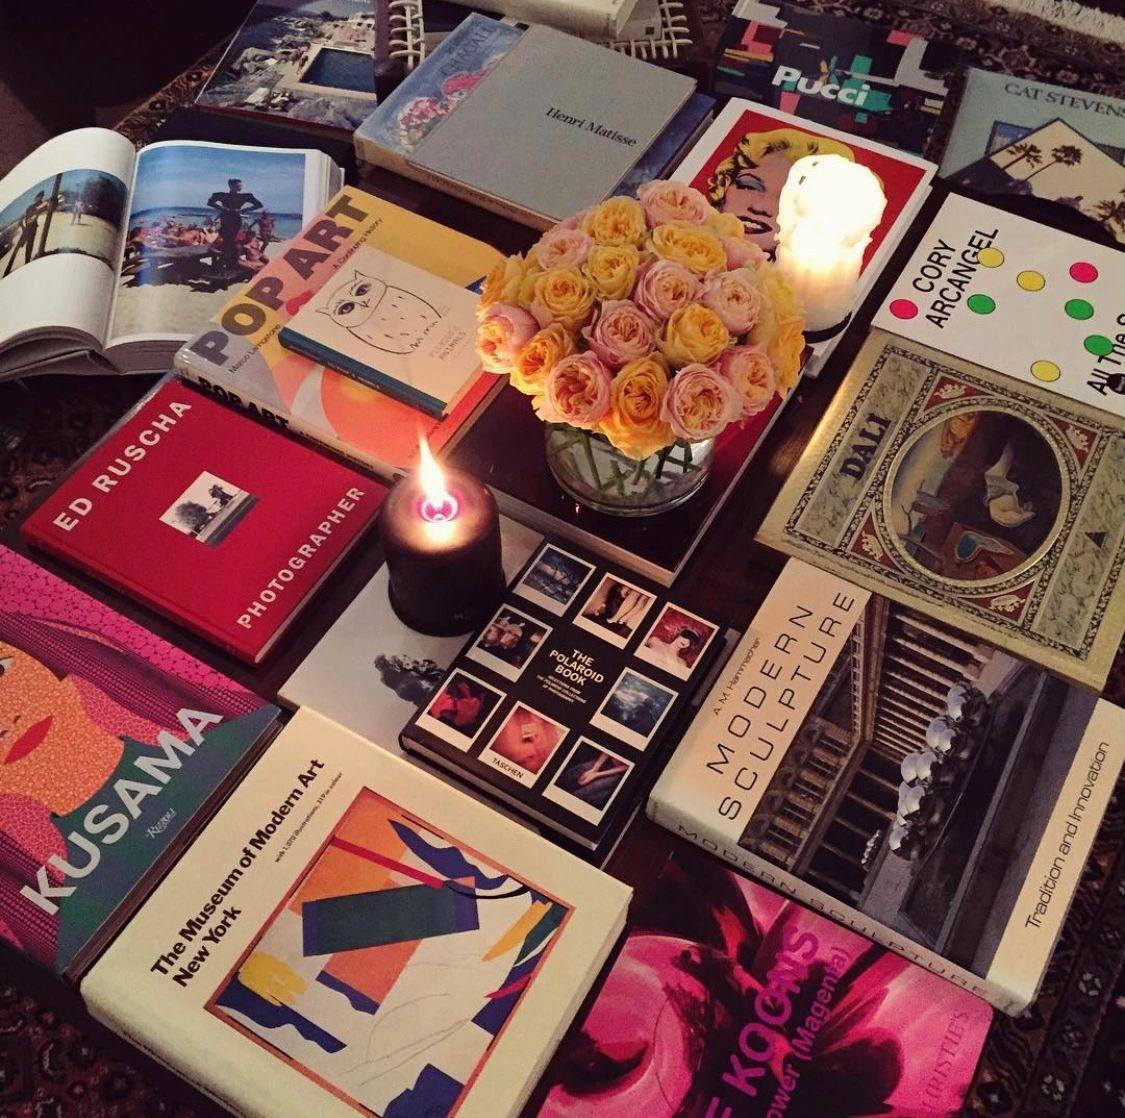 Art books offer a world of décor opportunities. (c) Gabé Hirschowitz, 2021